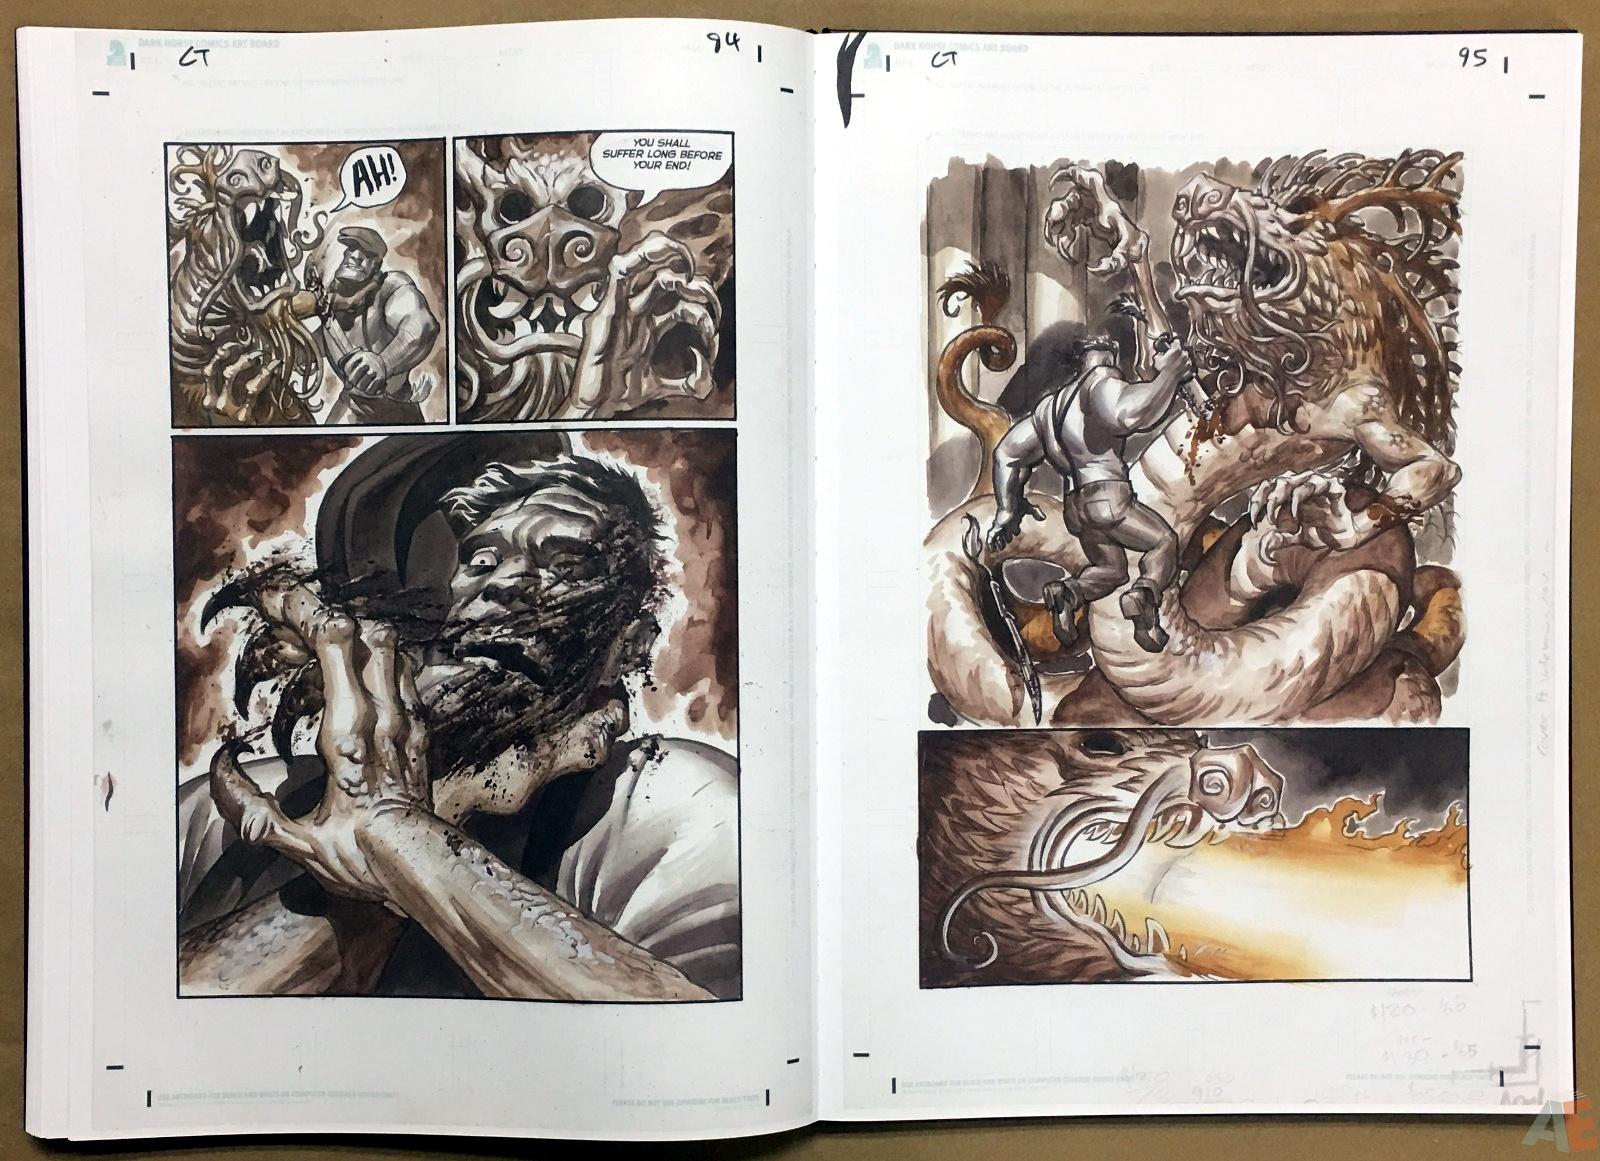 Eric Powell's The Goon Artist's Edition